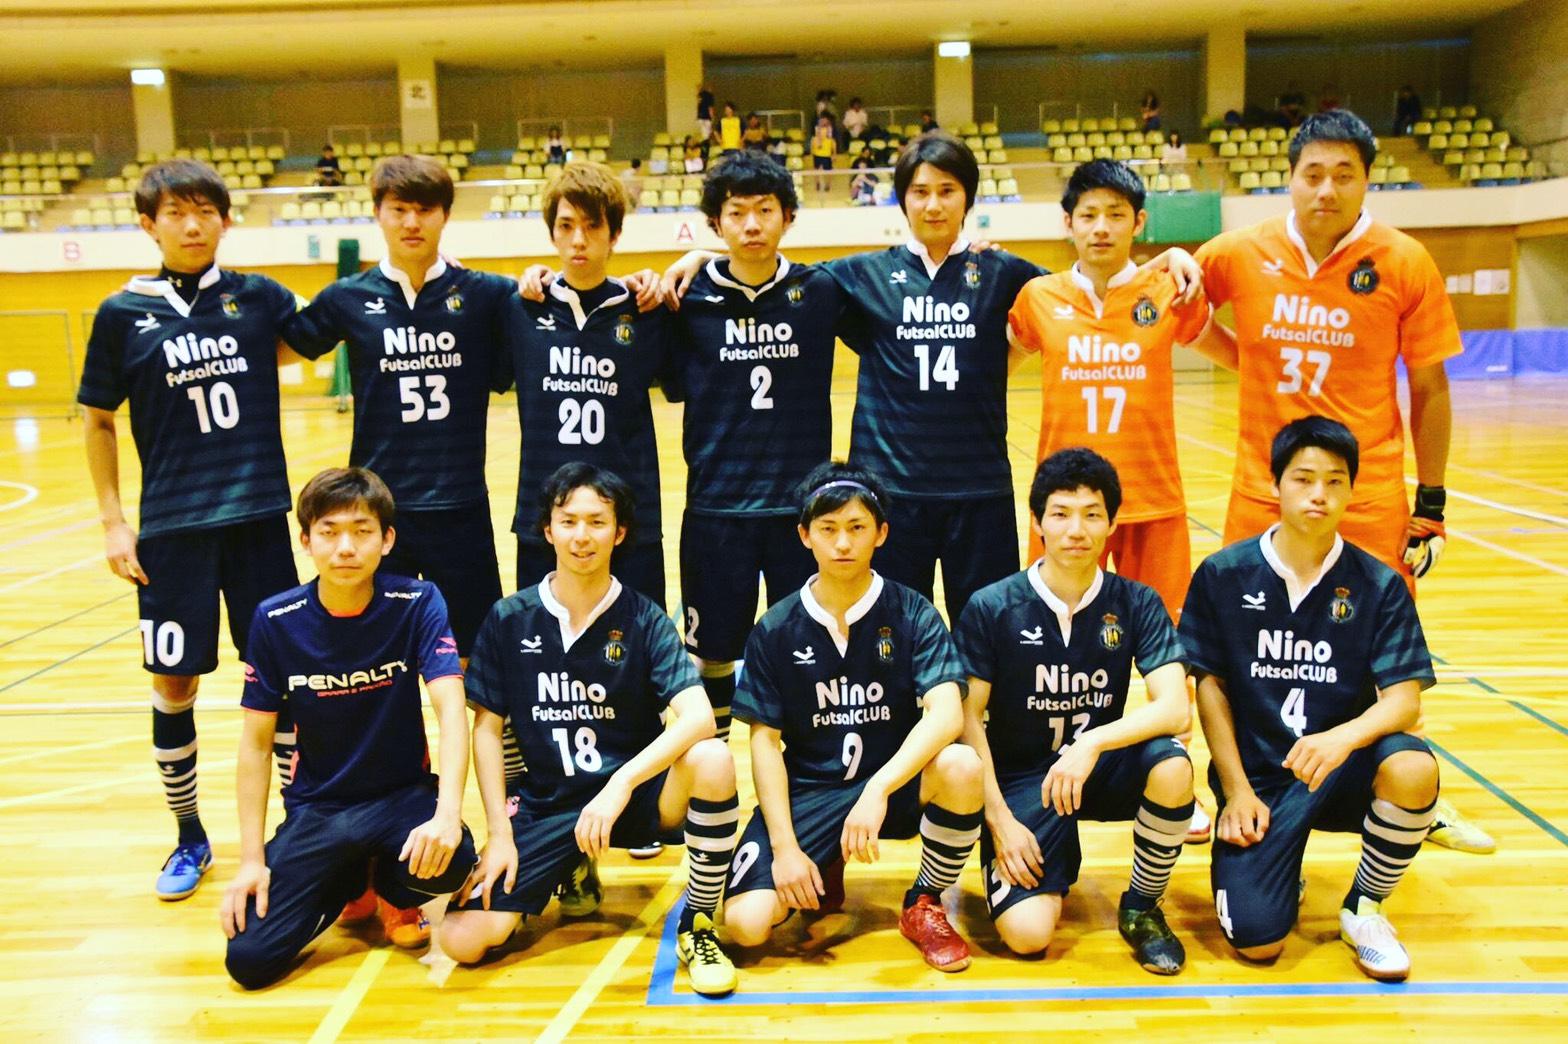 オープンBブロックに加盟したNinoFutsalCLUB〜ニーニョフットサルクラブ〜が選手募集!